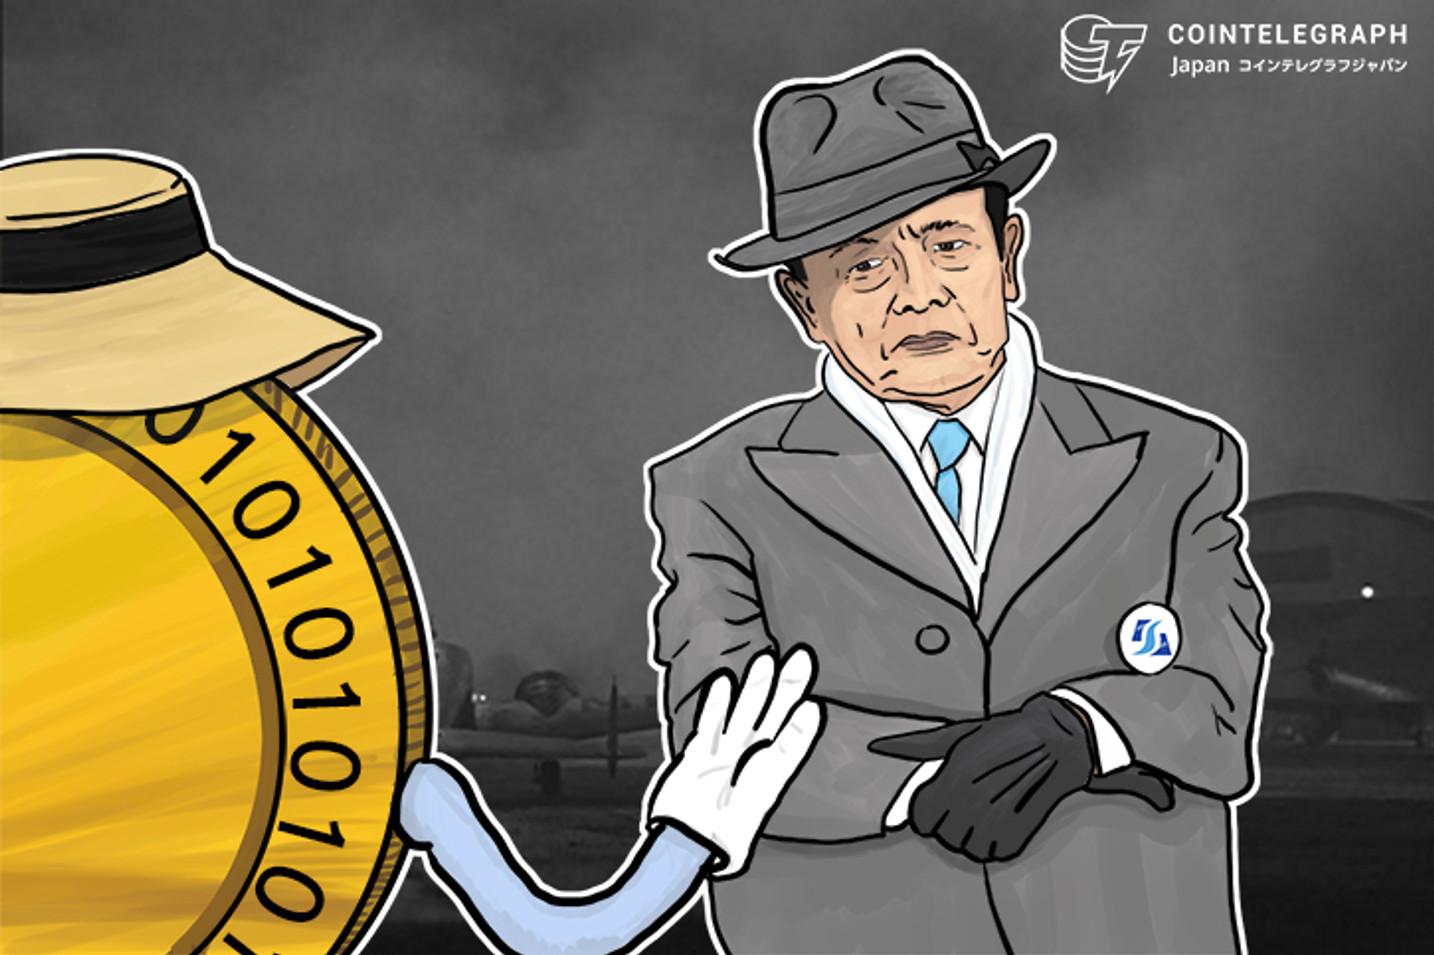 金融庁がGMOコインへの業務改善命令を解除か=ロイター報道